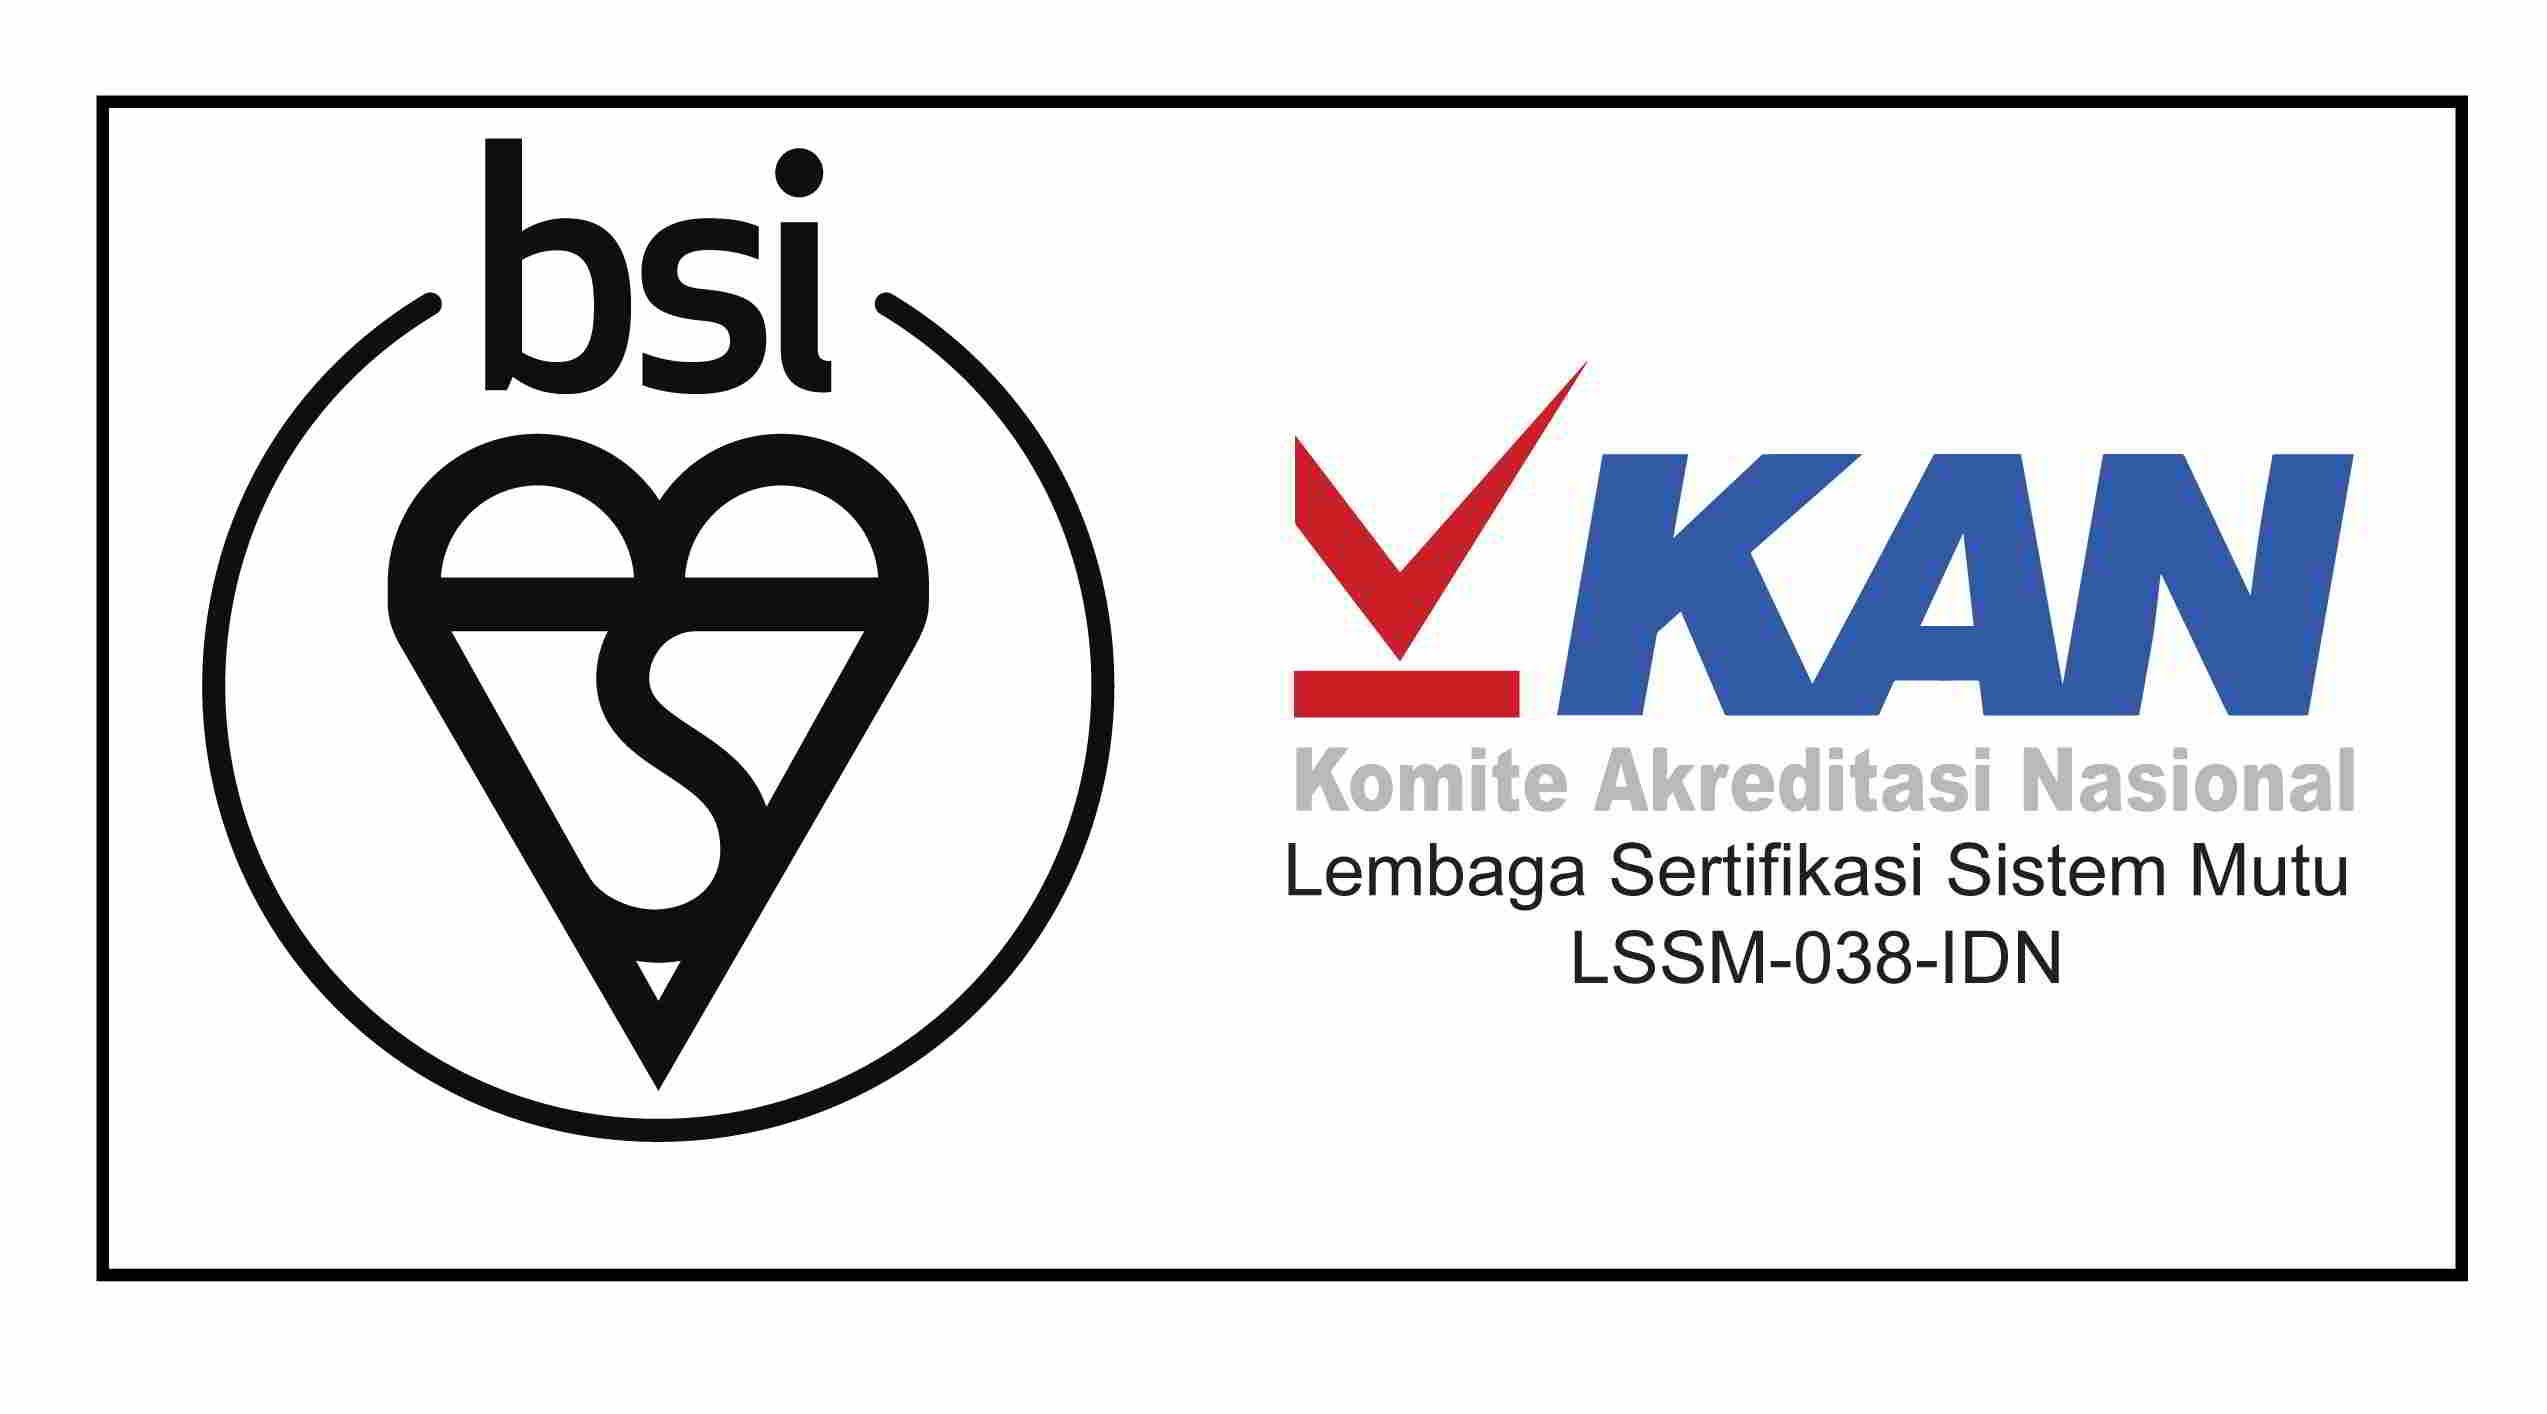 KAN_LSSM_BSI-logo-phitagoras